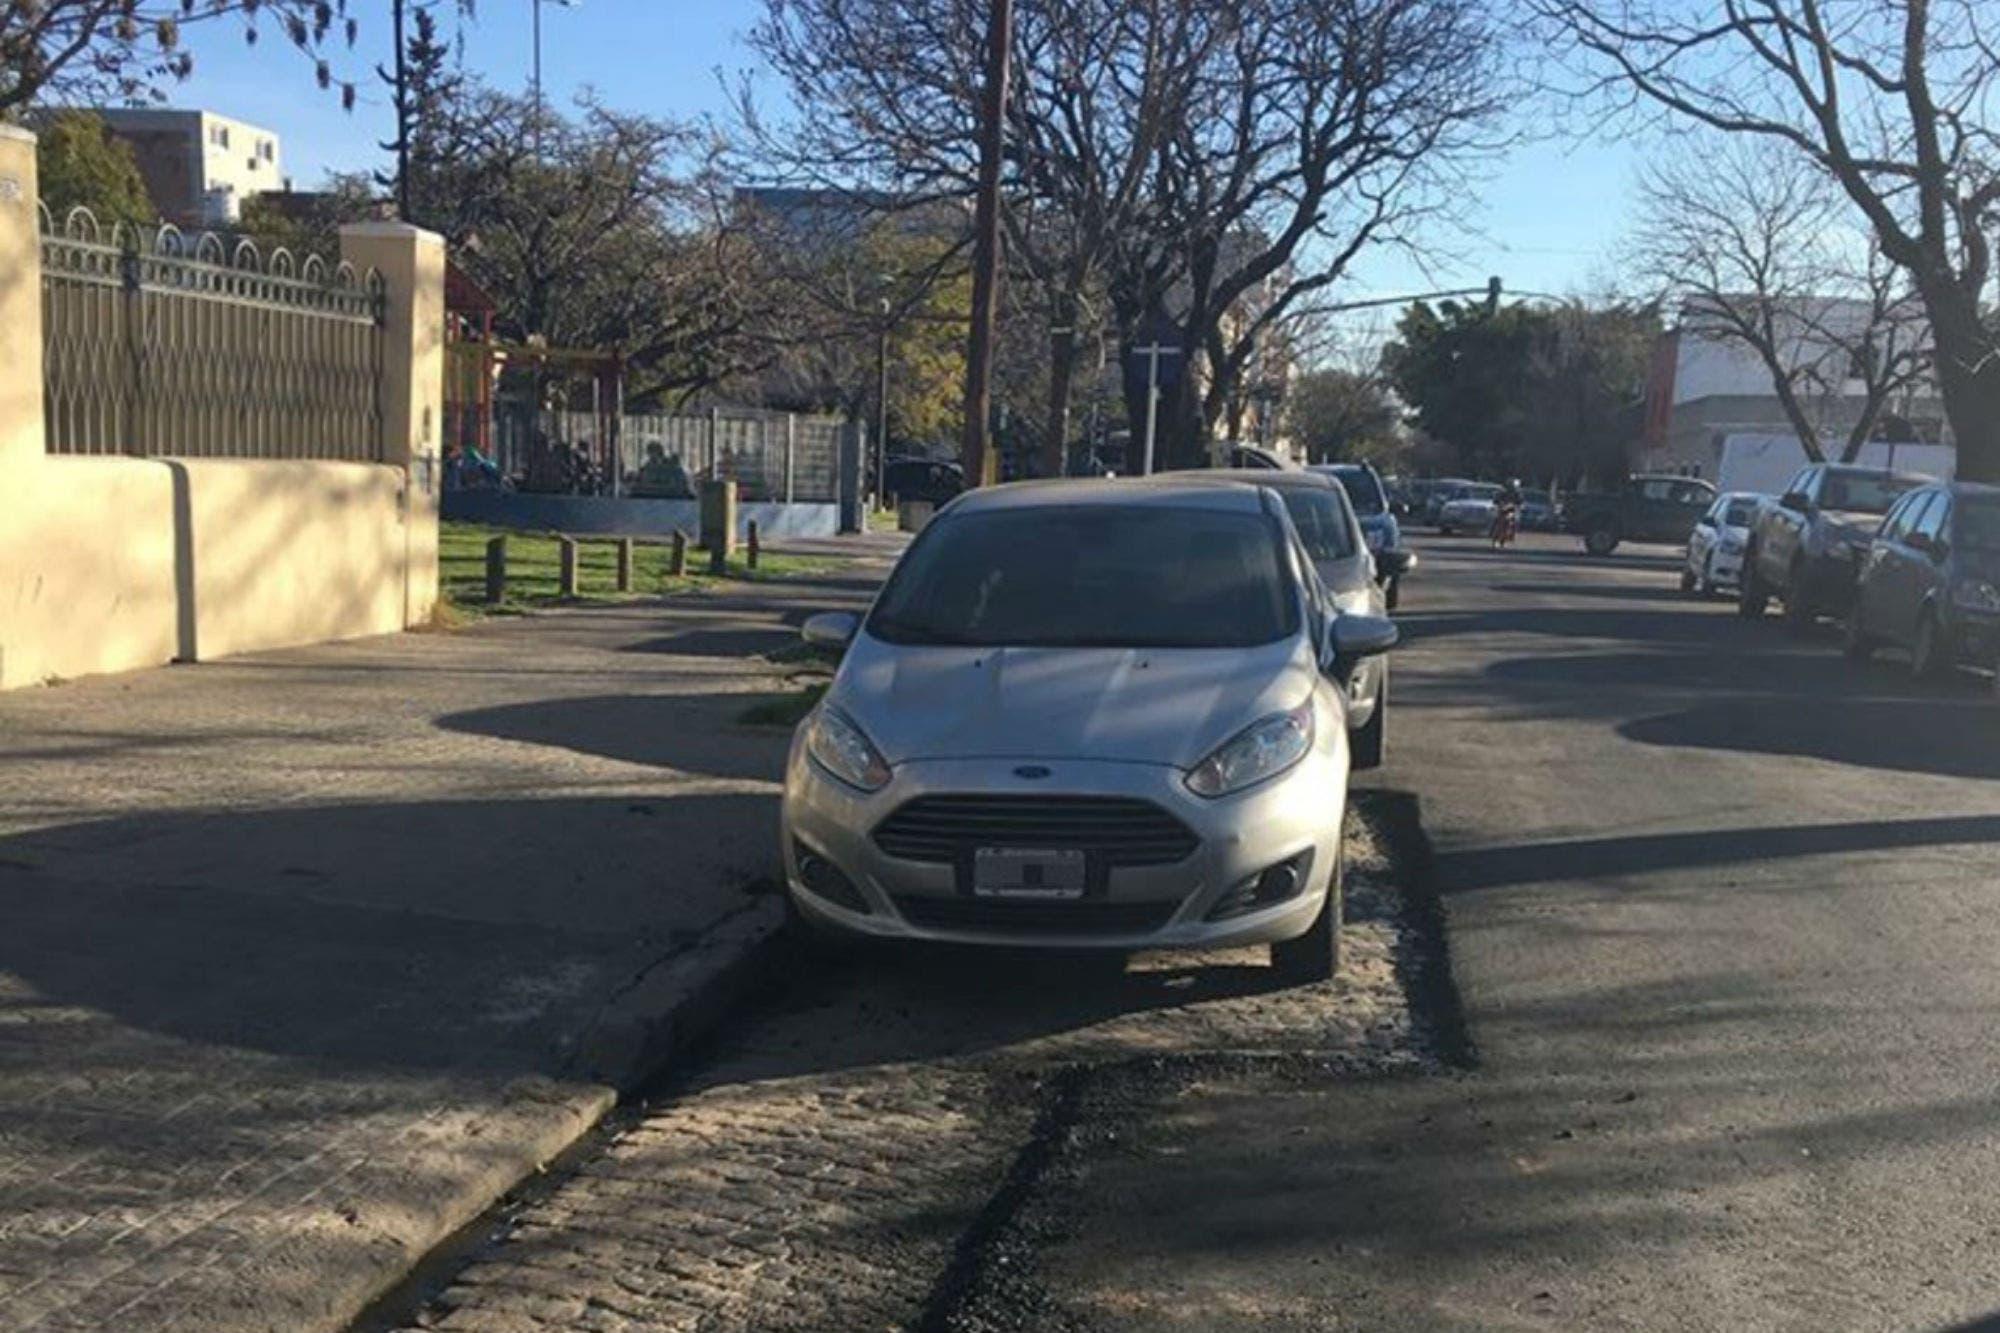 Como había ocurrido en Saavedra, en Flores asfaltaron una calle adoquinada con autos estacionados